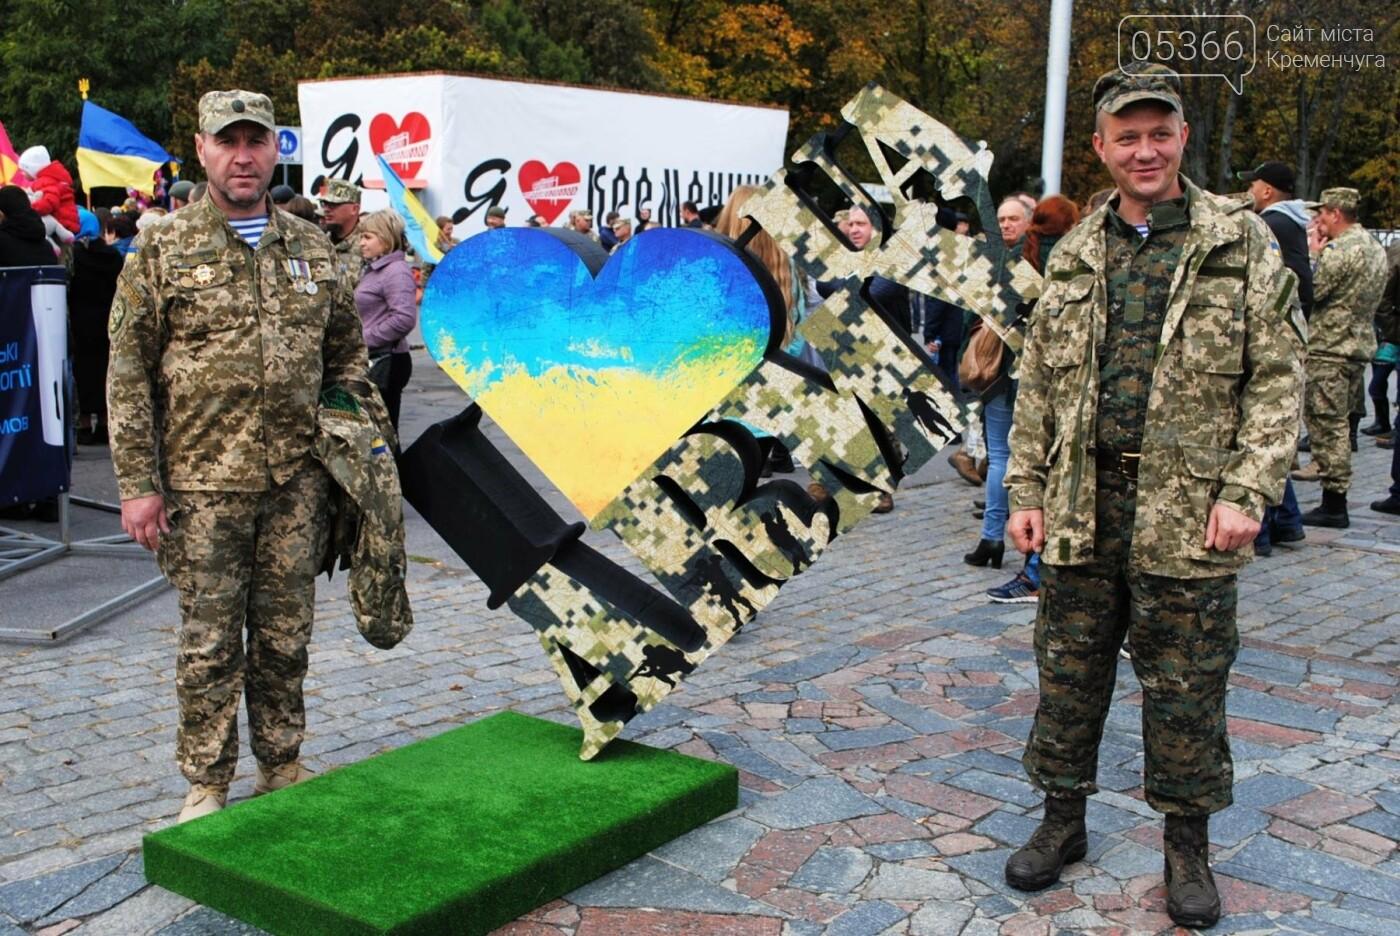 Кременчуг празднует День защитника Украины (фоторепортаж), фото-7